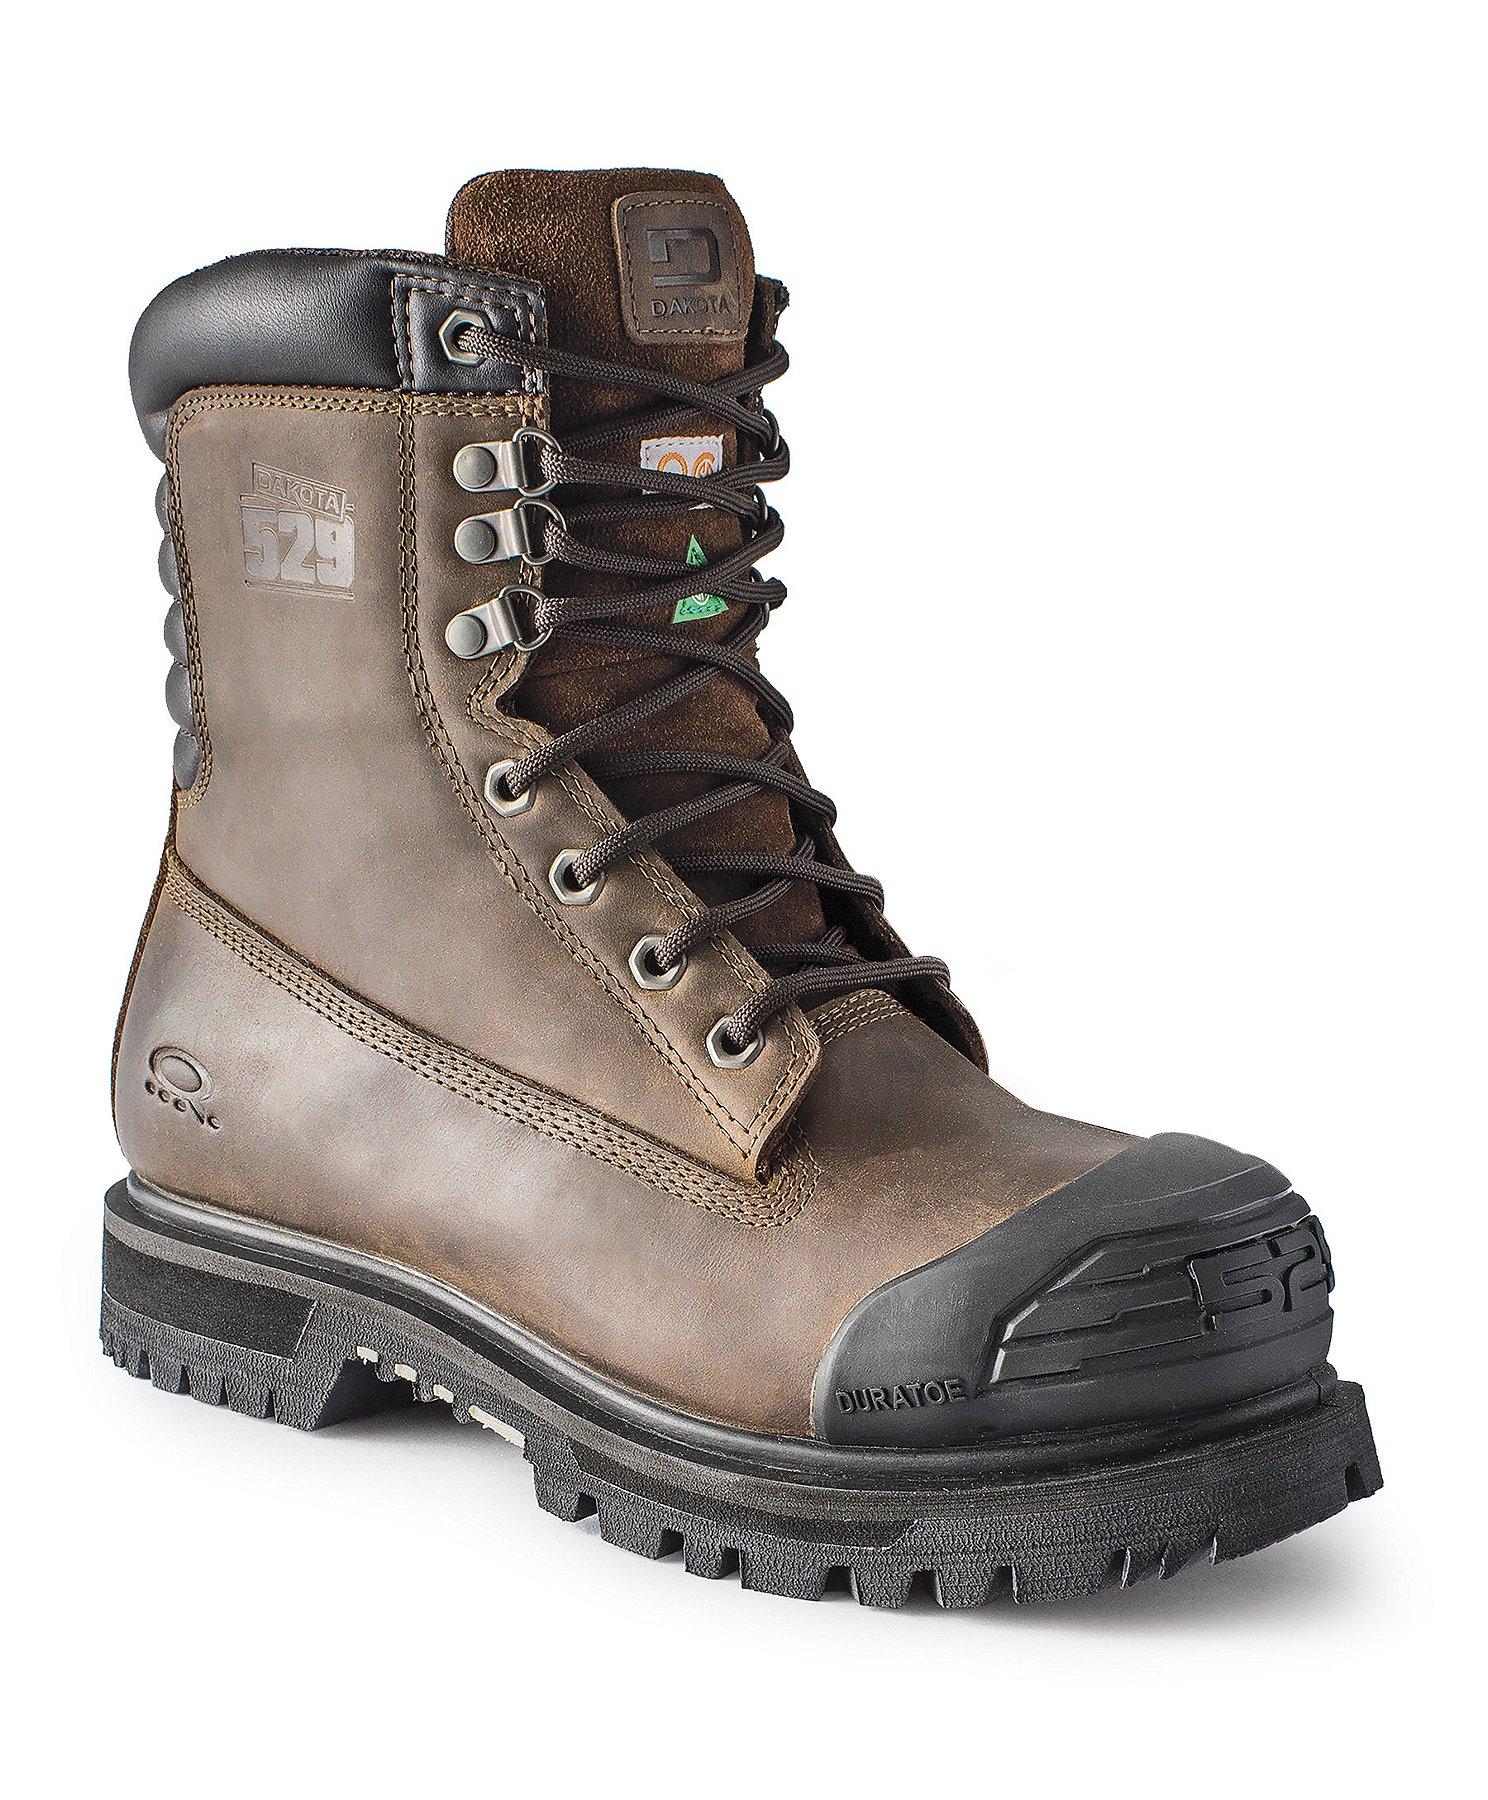 Heavy Duty Waterproof Hard Wearing Comfortable Work Safety Boots Steel Toe Cap